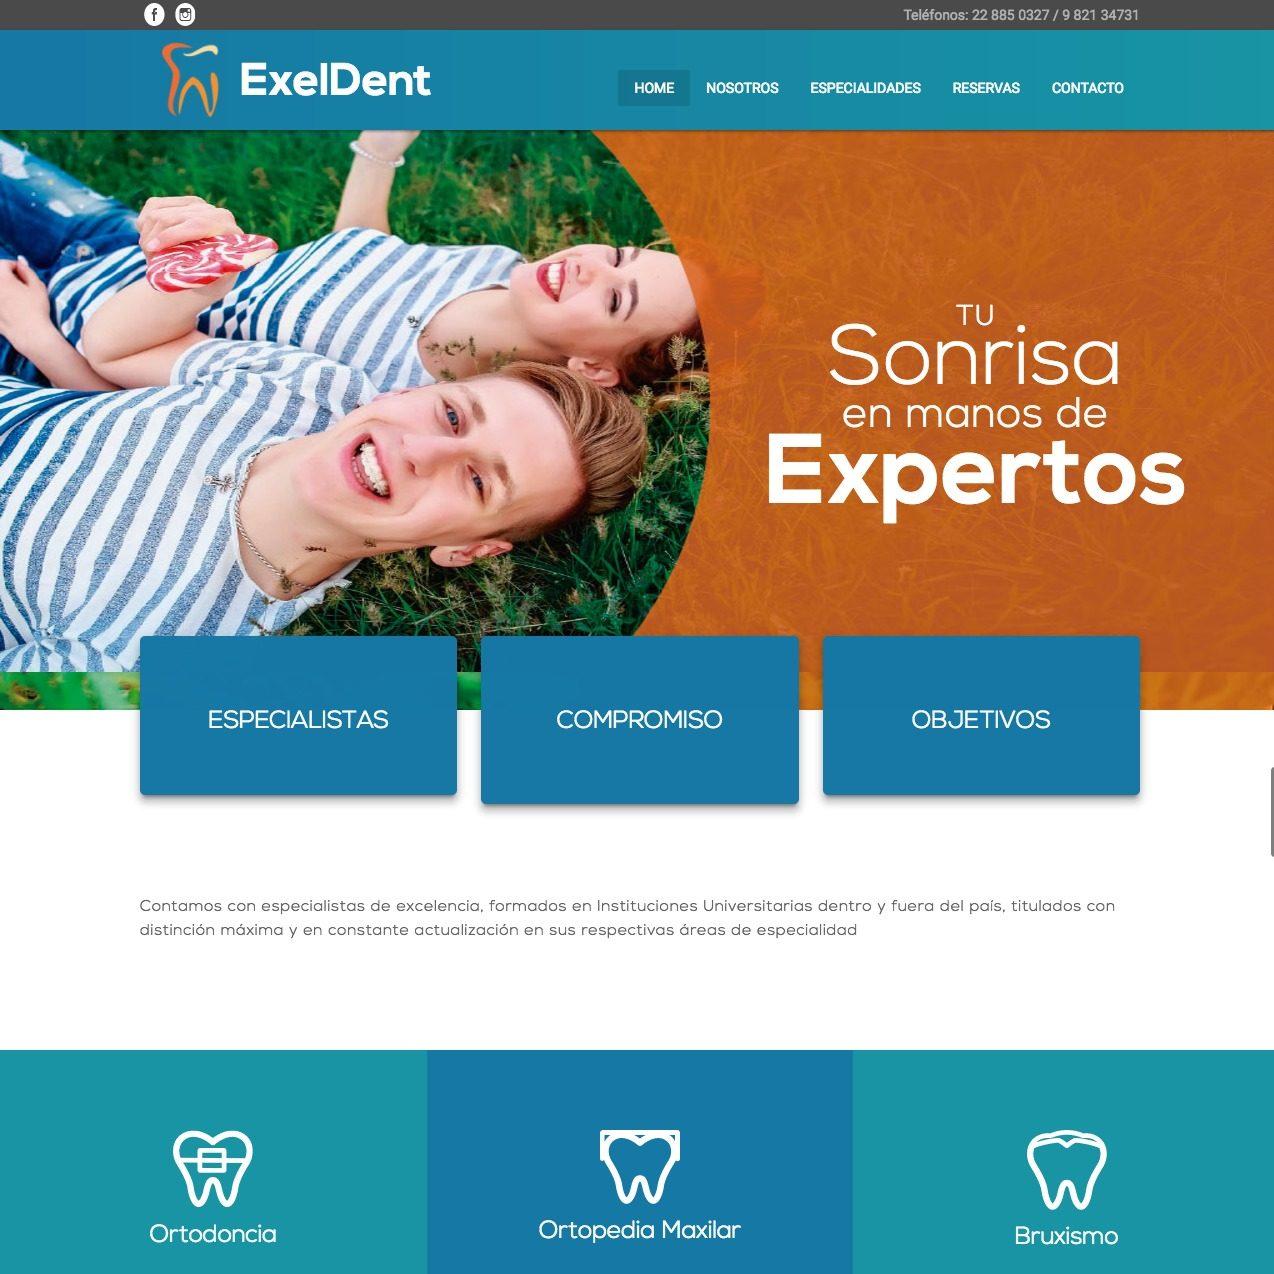 ExelDent